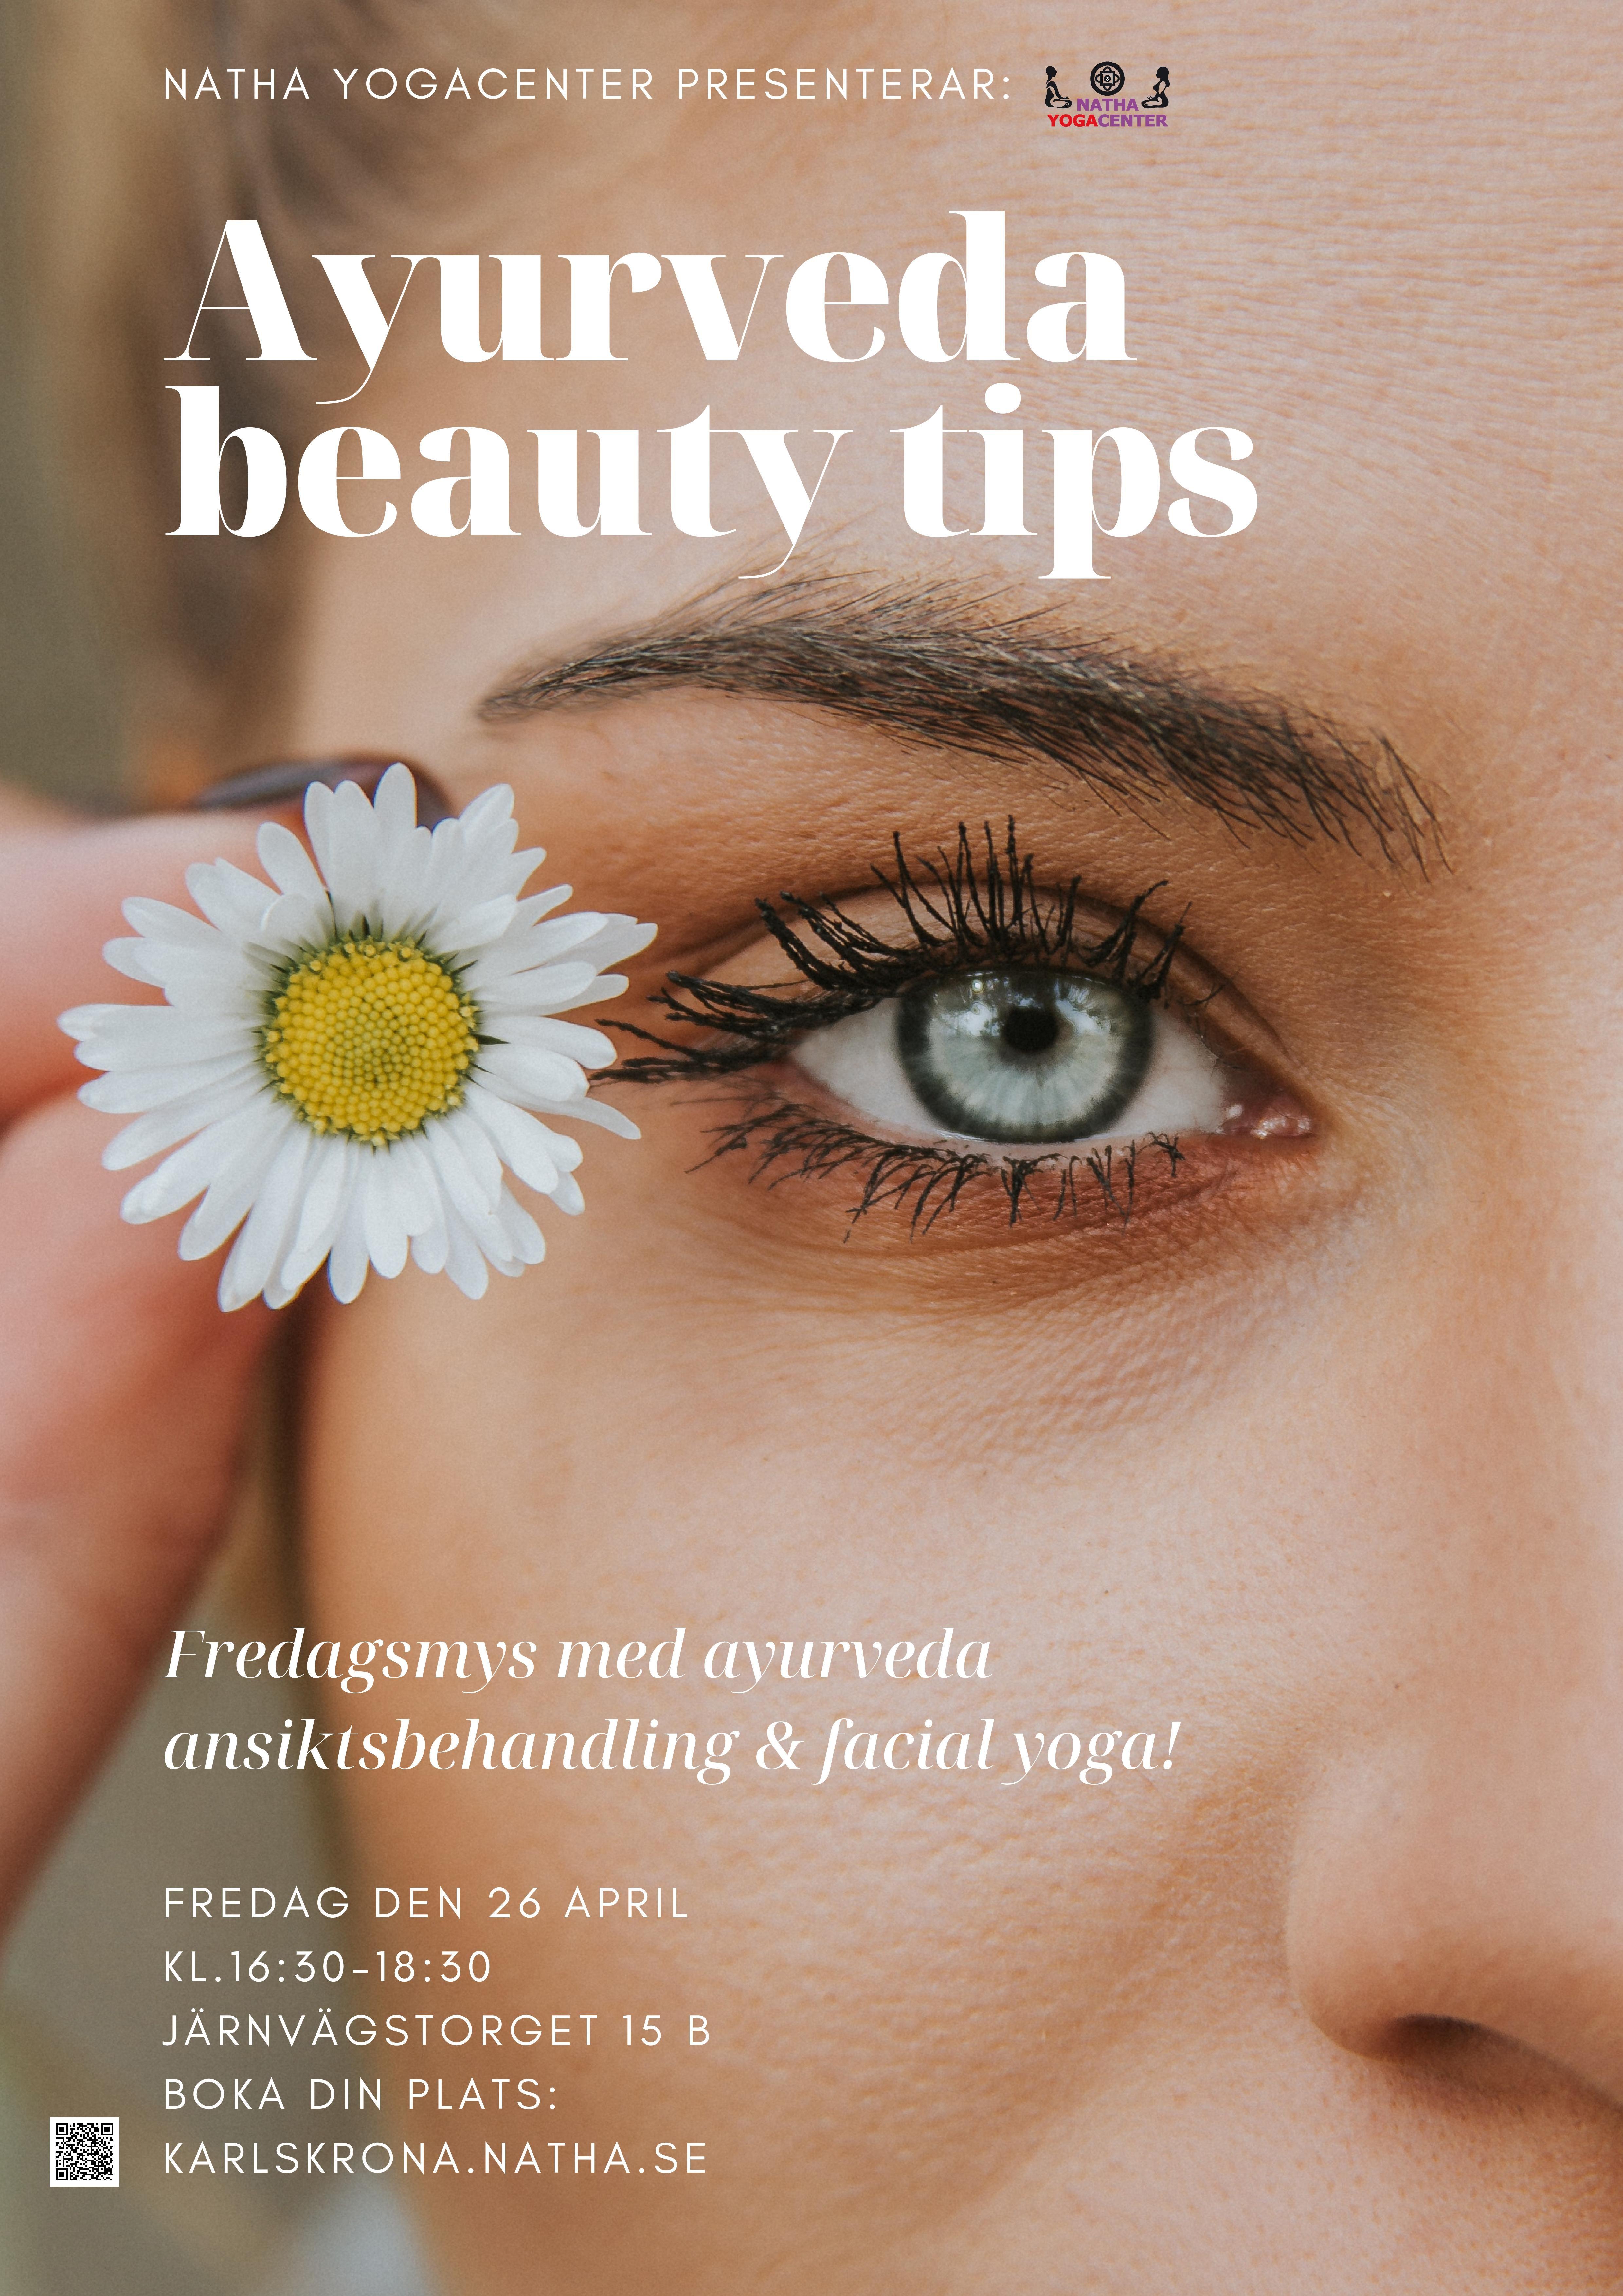 Ayurveda beauty tips